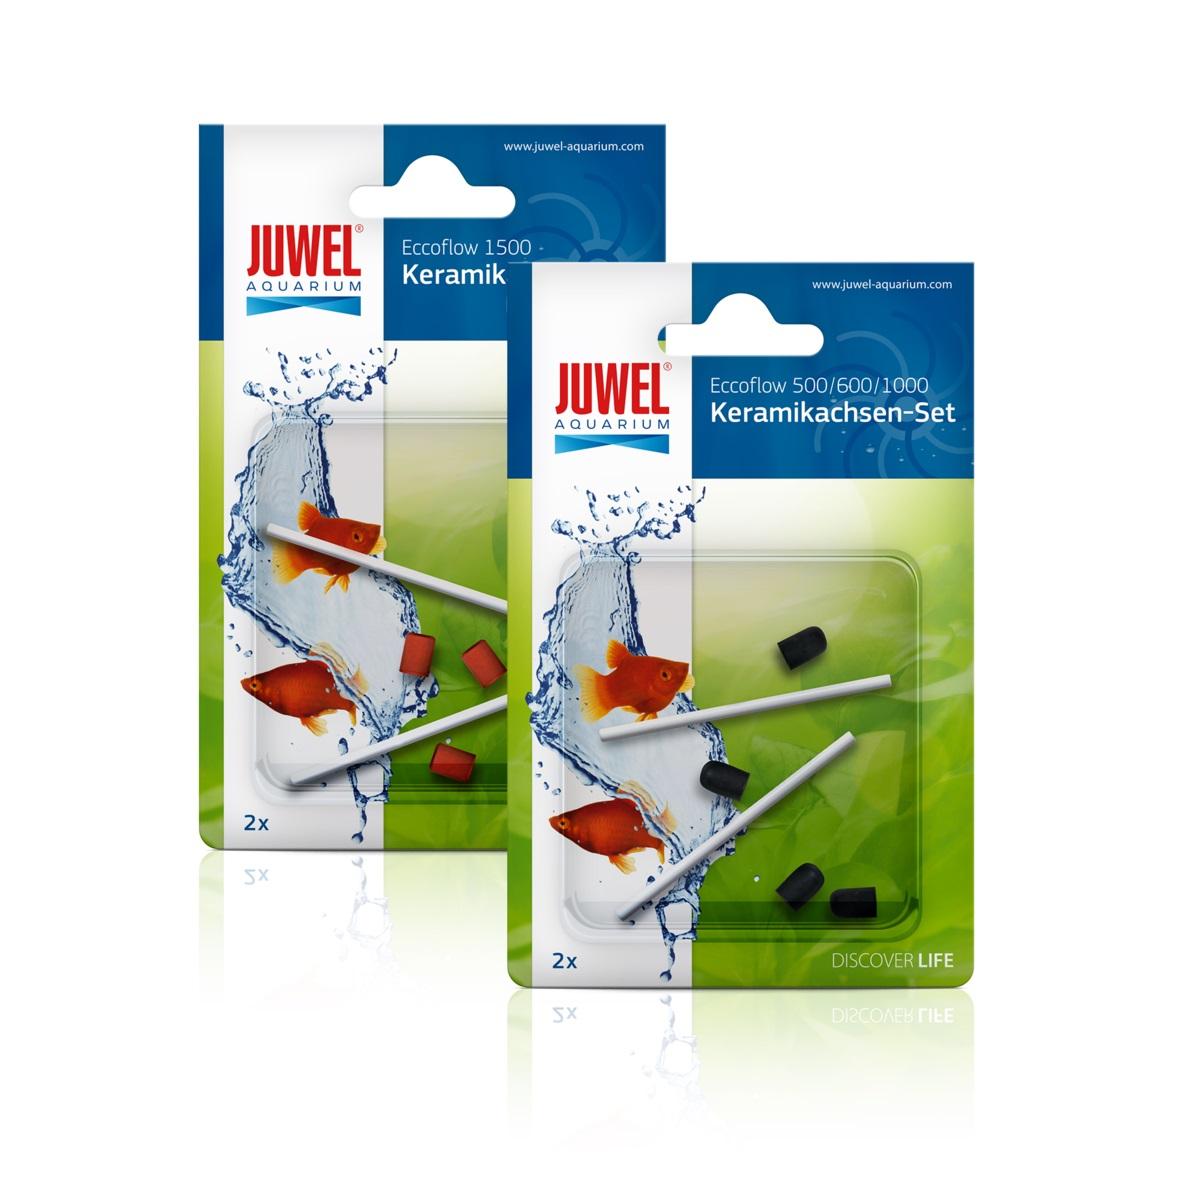 Ось керамическая JUWEL  для помп Eccoflow 500/600/1000 (2 шт)